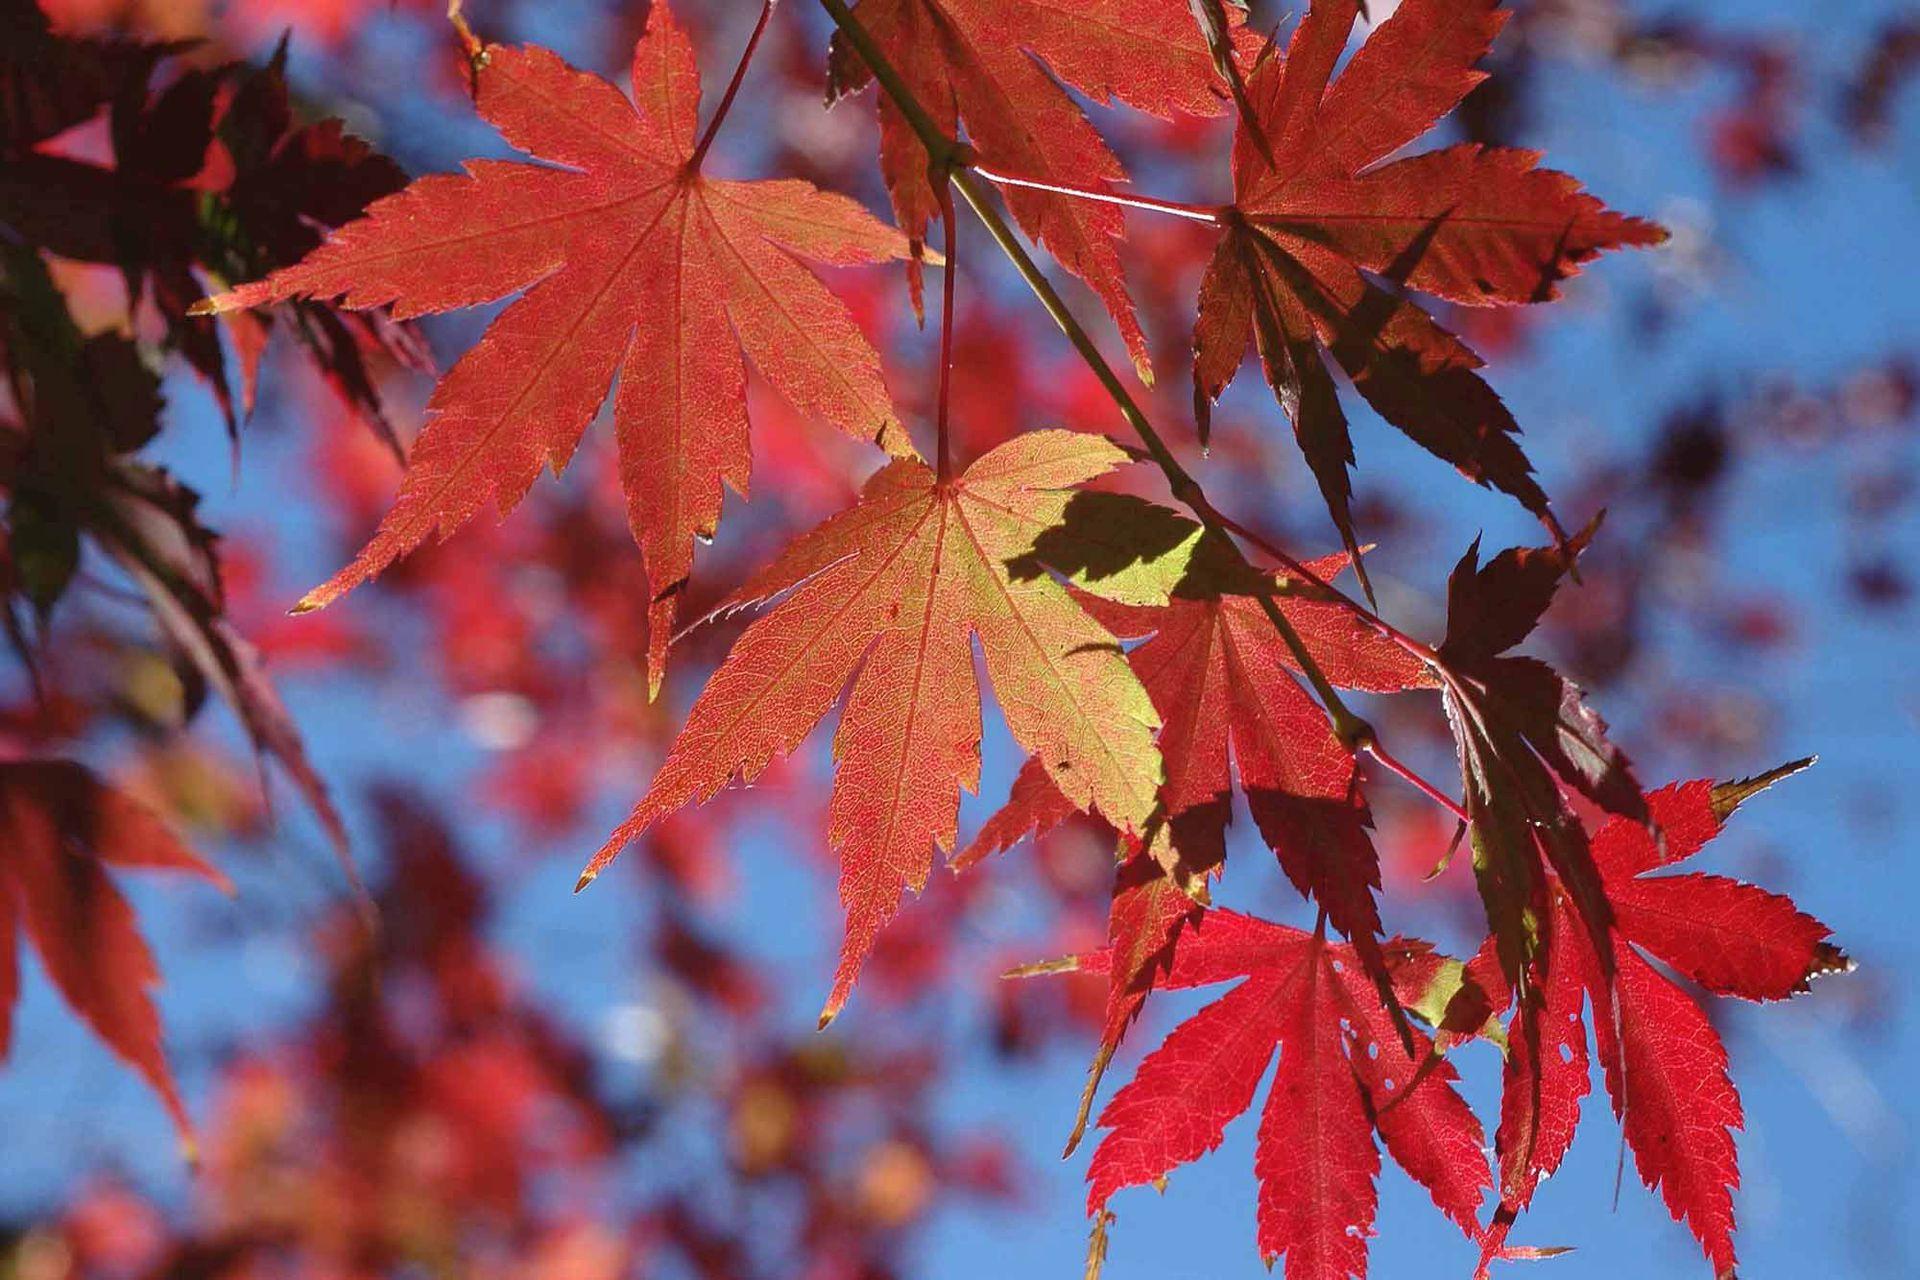 Acer palmatum 'Atropurpureum': Esta variedad tiene el follaje tonalizado de rojo  durante todo el ciclo, que contrasta y se realza con el verde circundante. Crece bien bajo un ligero sombreado. Puede ser un pequeño árbol o un arbusto.